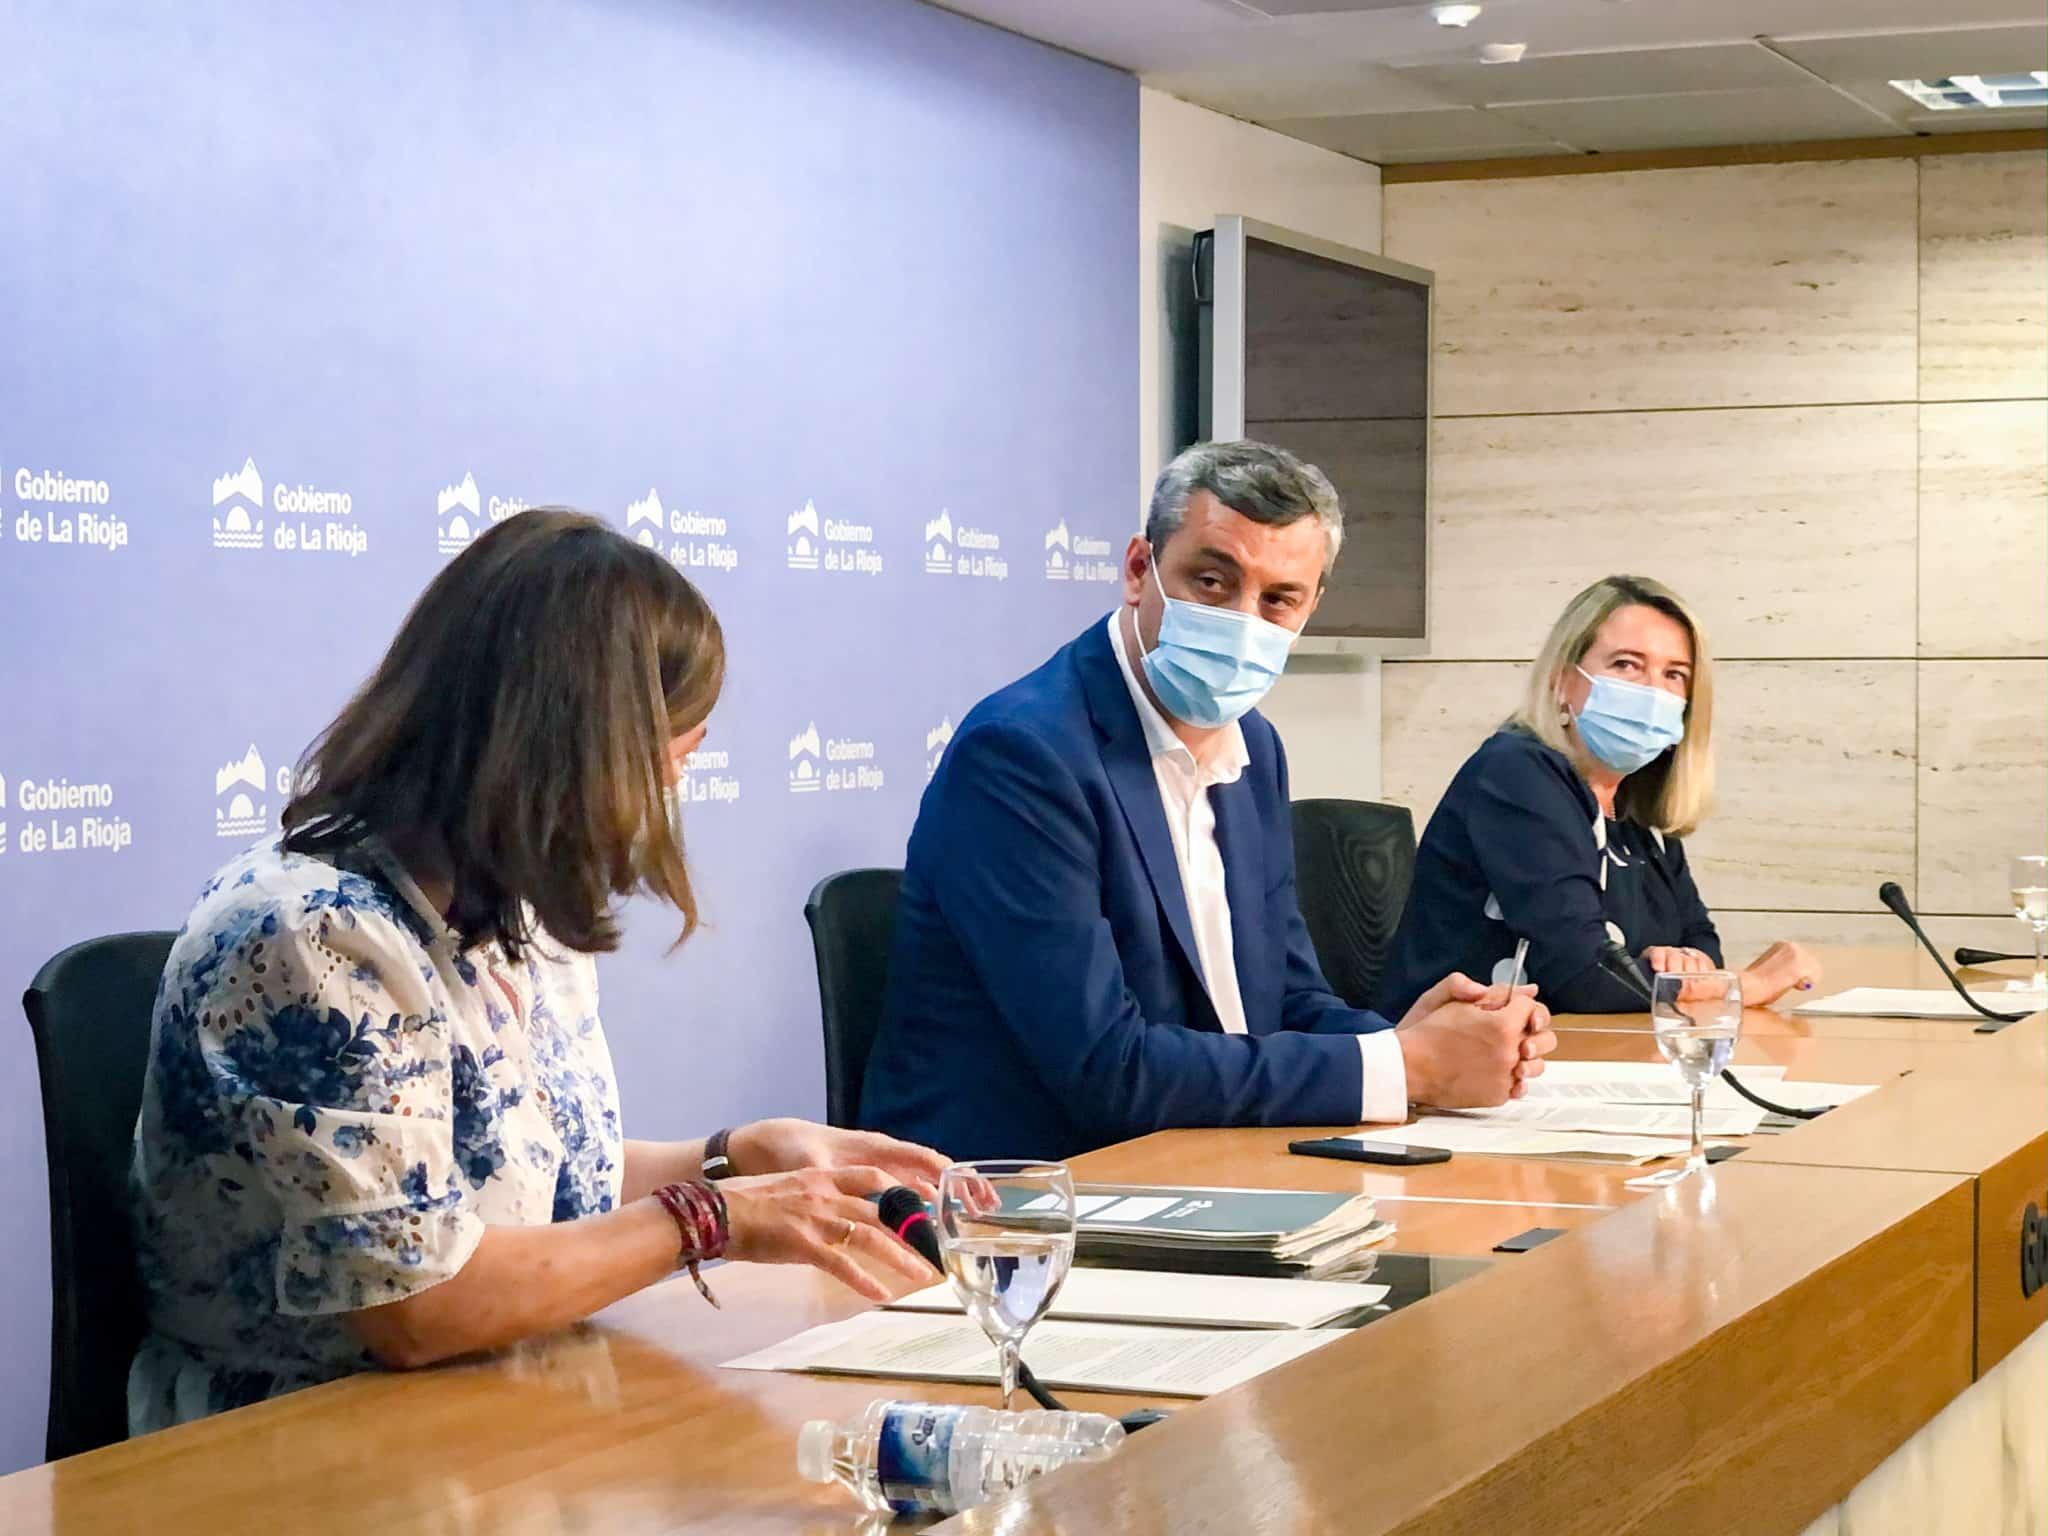 La Rioja presenta el 'Protocolo para las campañas agrícolas seguras' ante el COVID-19 1